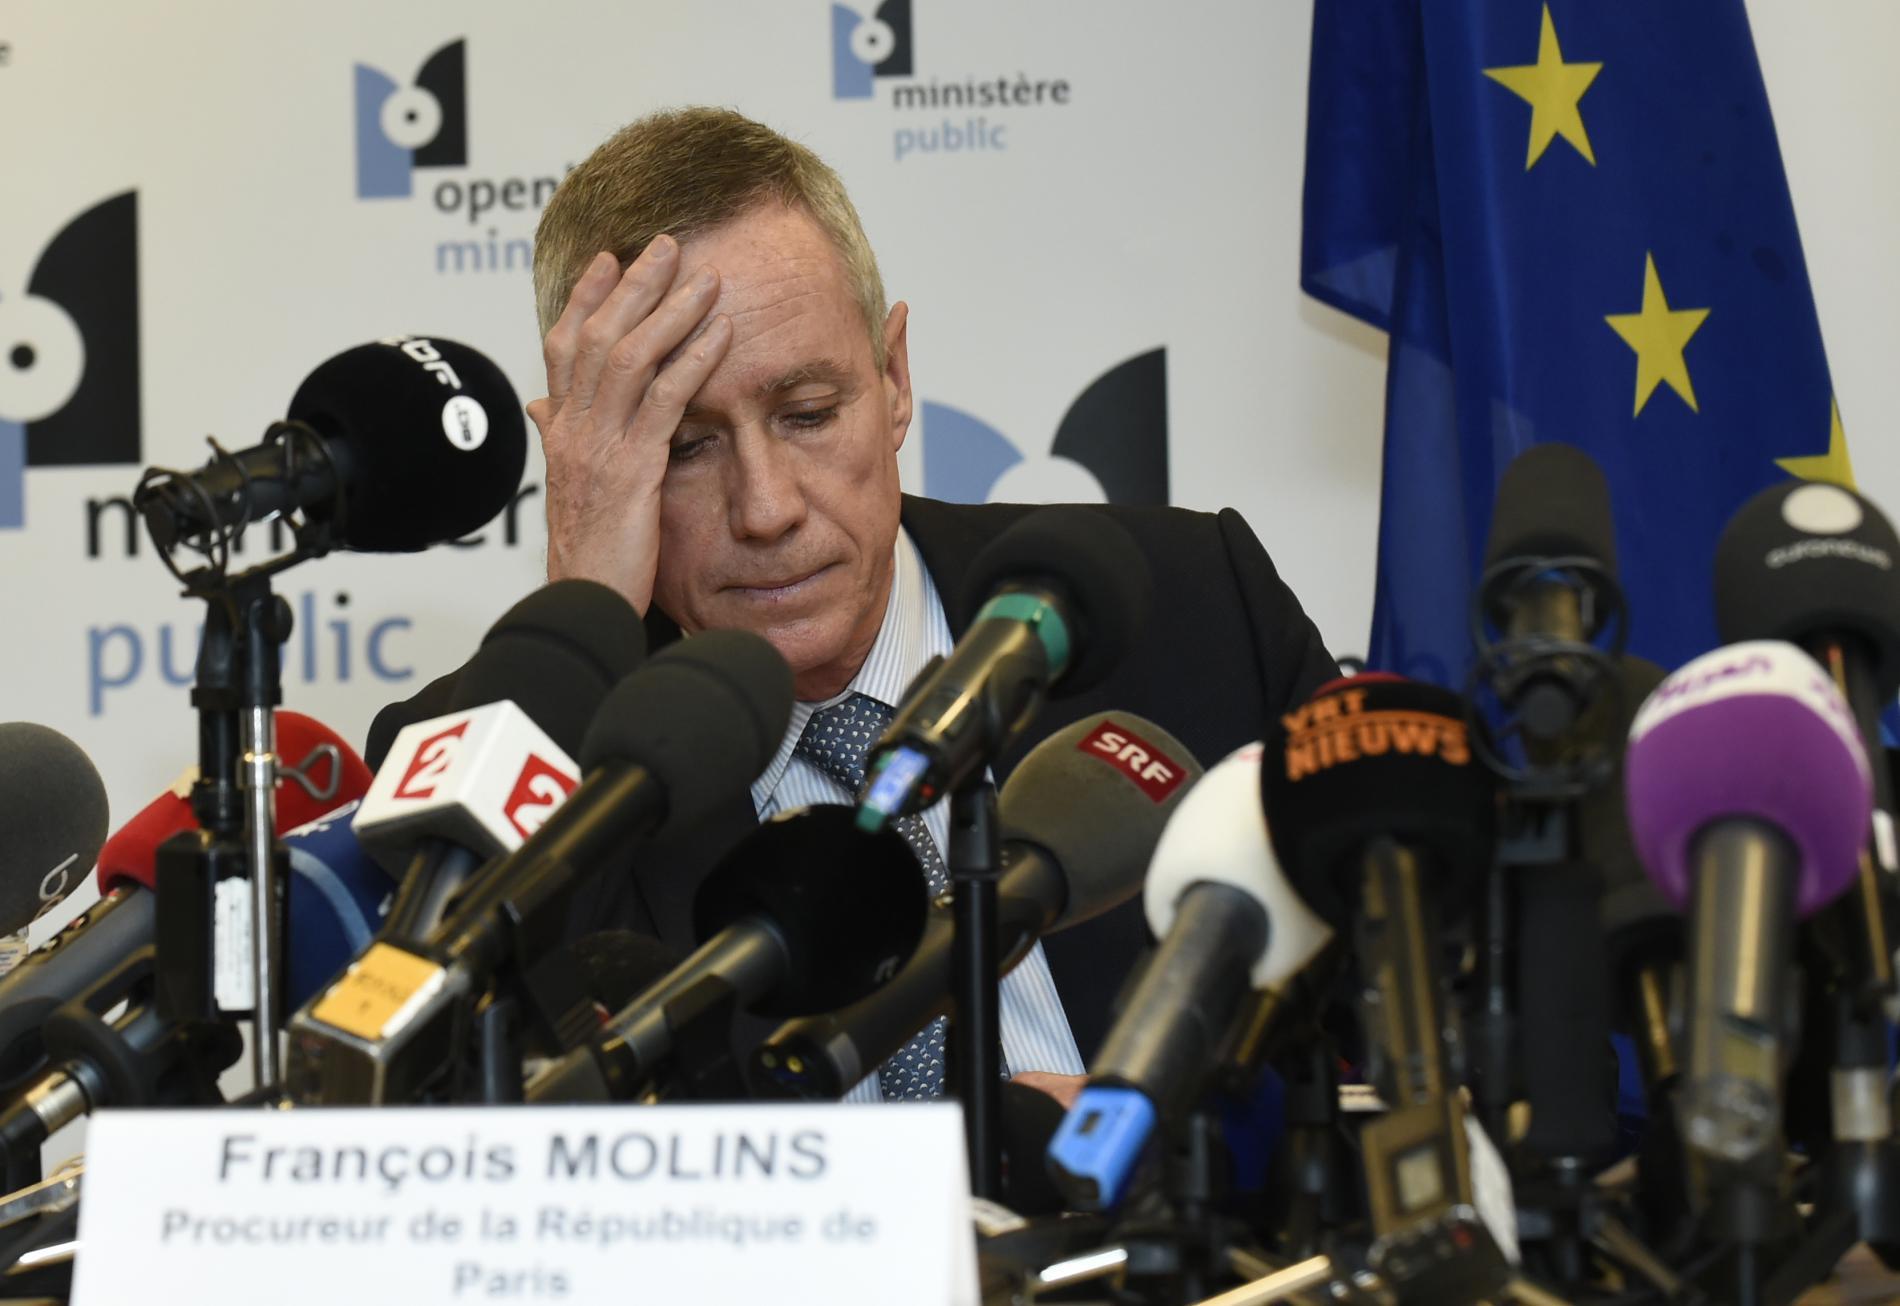 François Molins, procureur de la République de Paris, s\'apprête à donner une conférence de presse à Bruxelles (Belgique), le 21 mars 2016, après la découverte d\'une trace ADN sur des explosifs utilisés lors des attaques commises à Paris.